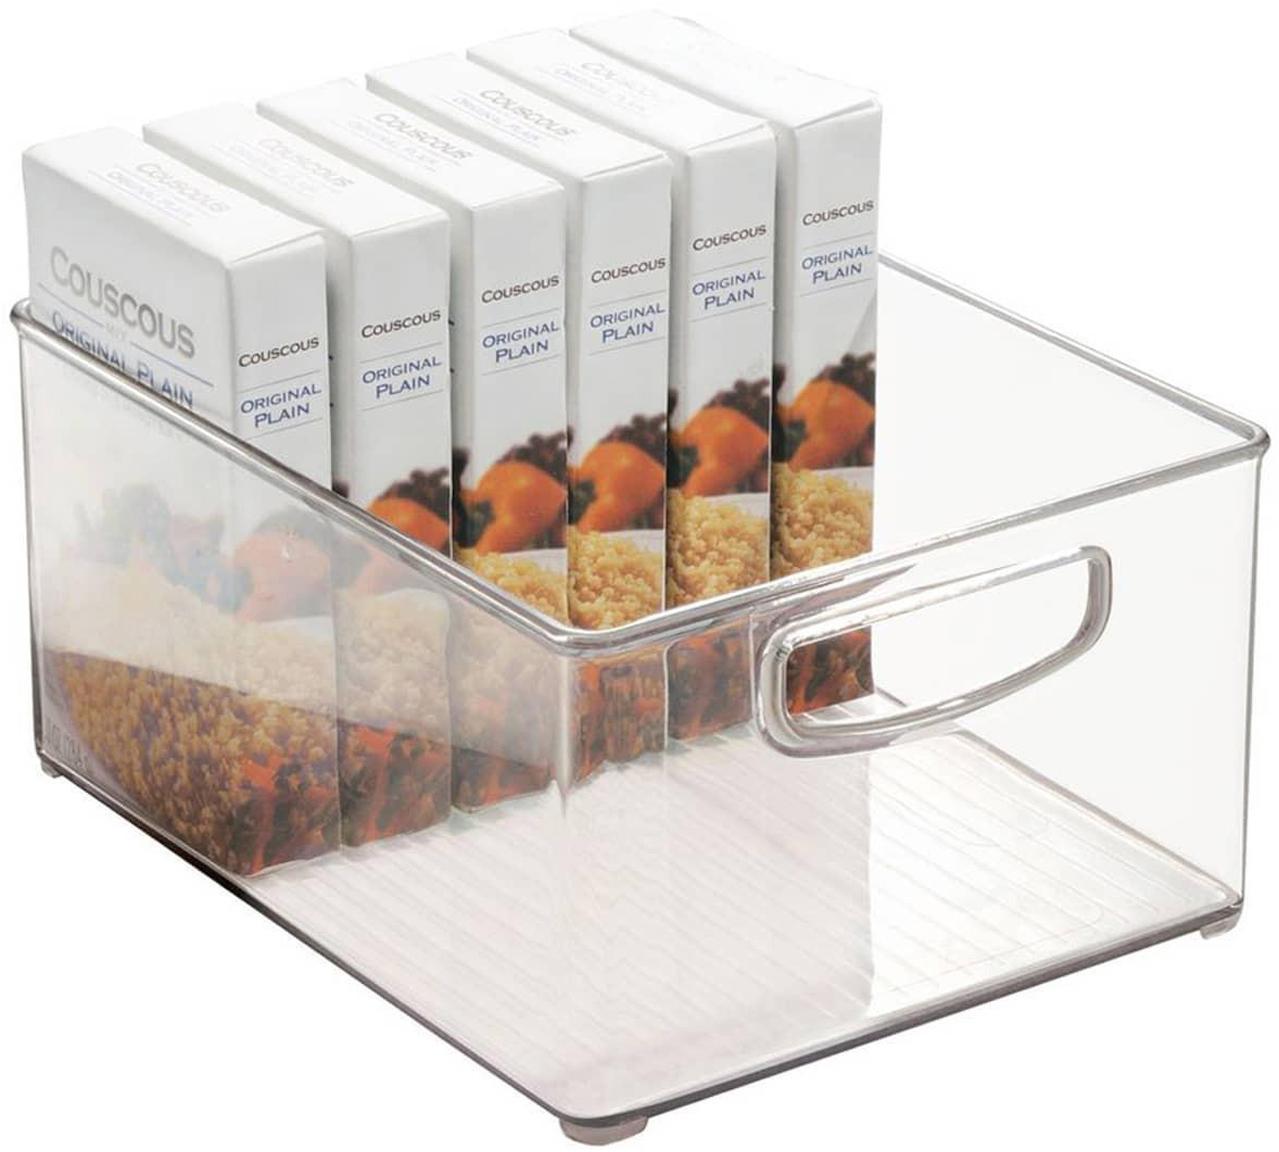 Organizador de cocina Binz, Acrílico, Transparente, An 25 x Al 13 cm